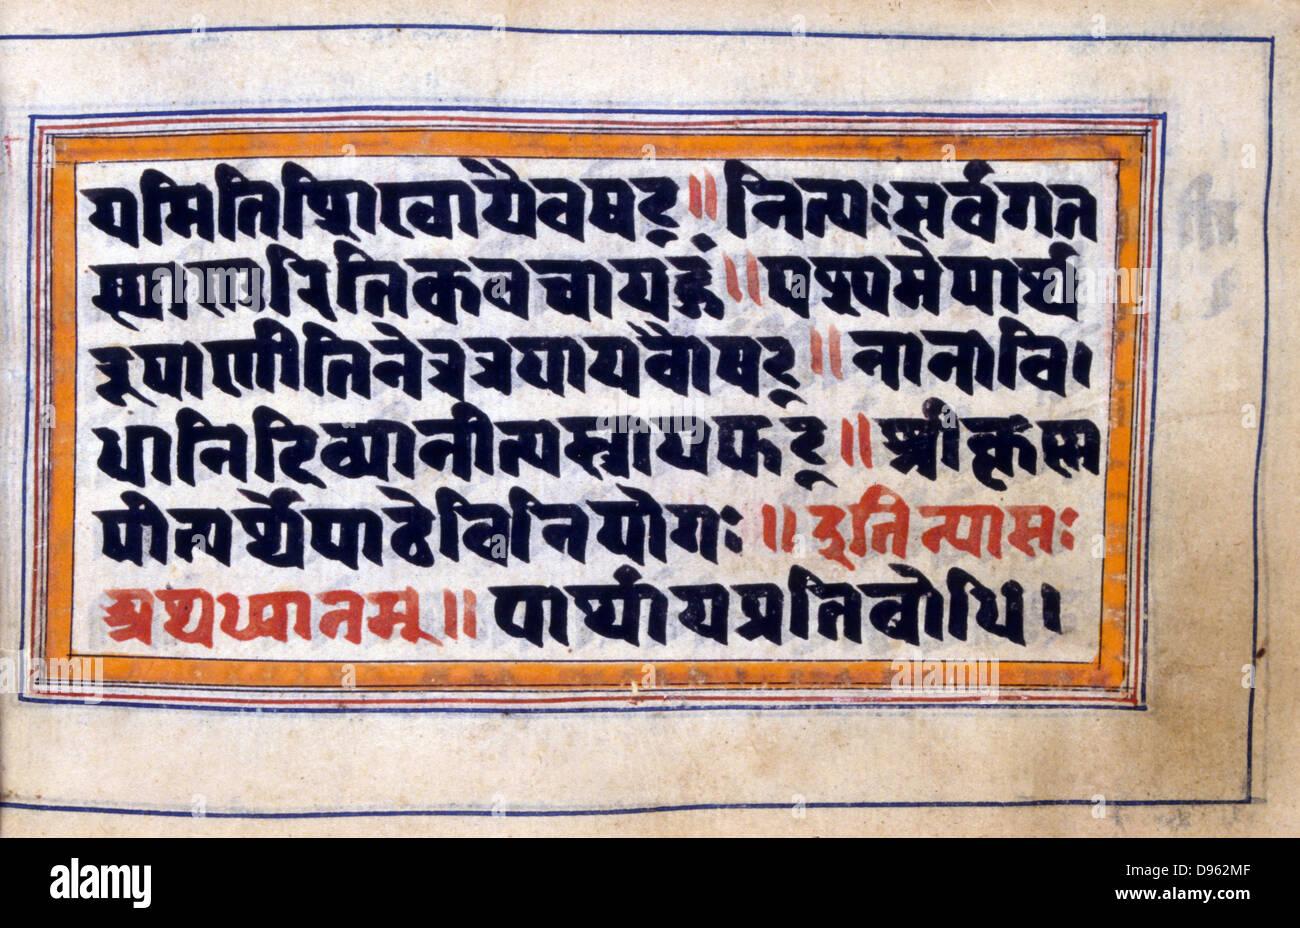 Indiano settentrionale manoscritto, 18-19 secolo, raccontando gli episodi della vita di Krishna. Da Bhagavad-Gita. Immagini Stock